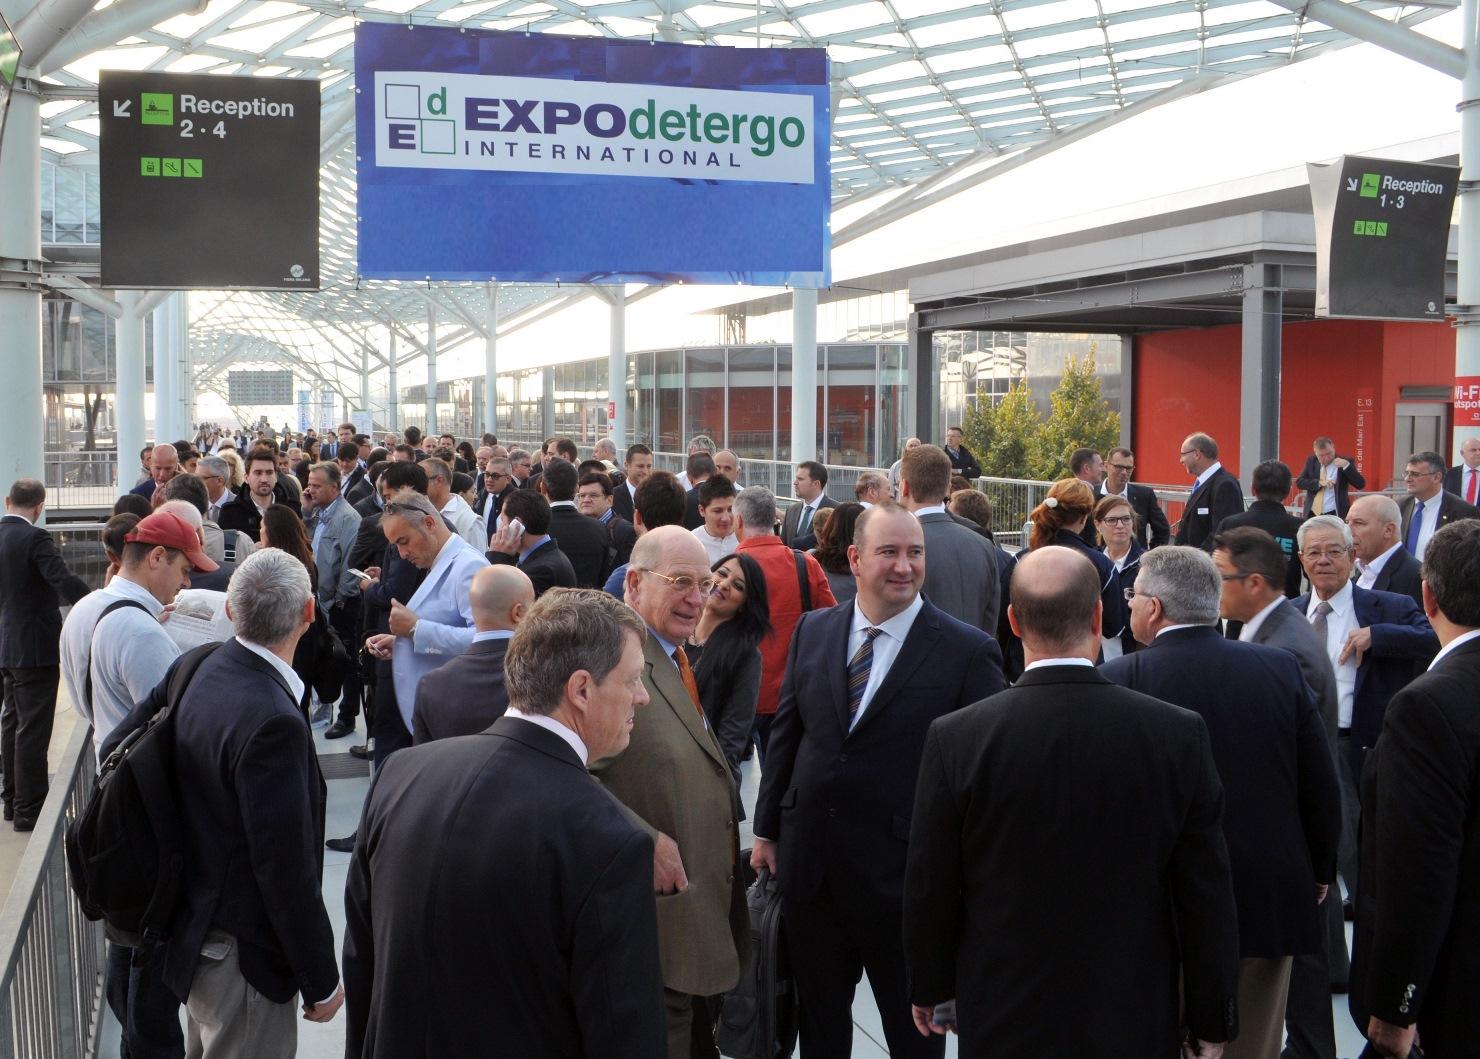 Expodetergo International 2018: inovaţie şi sustenabilitate